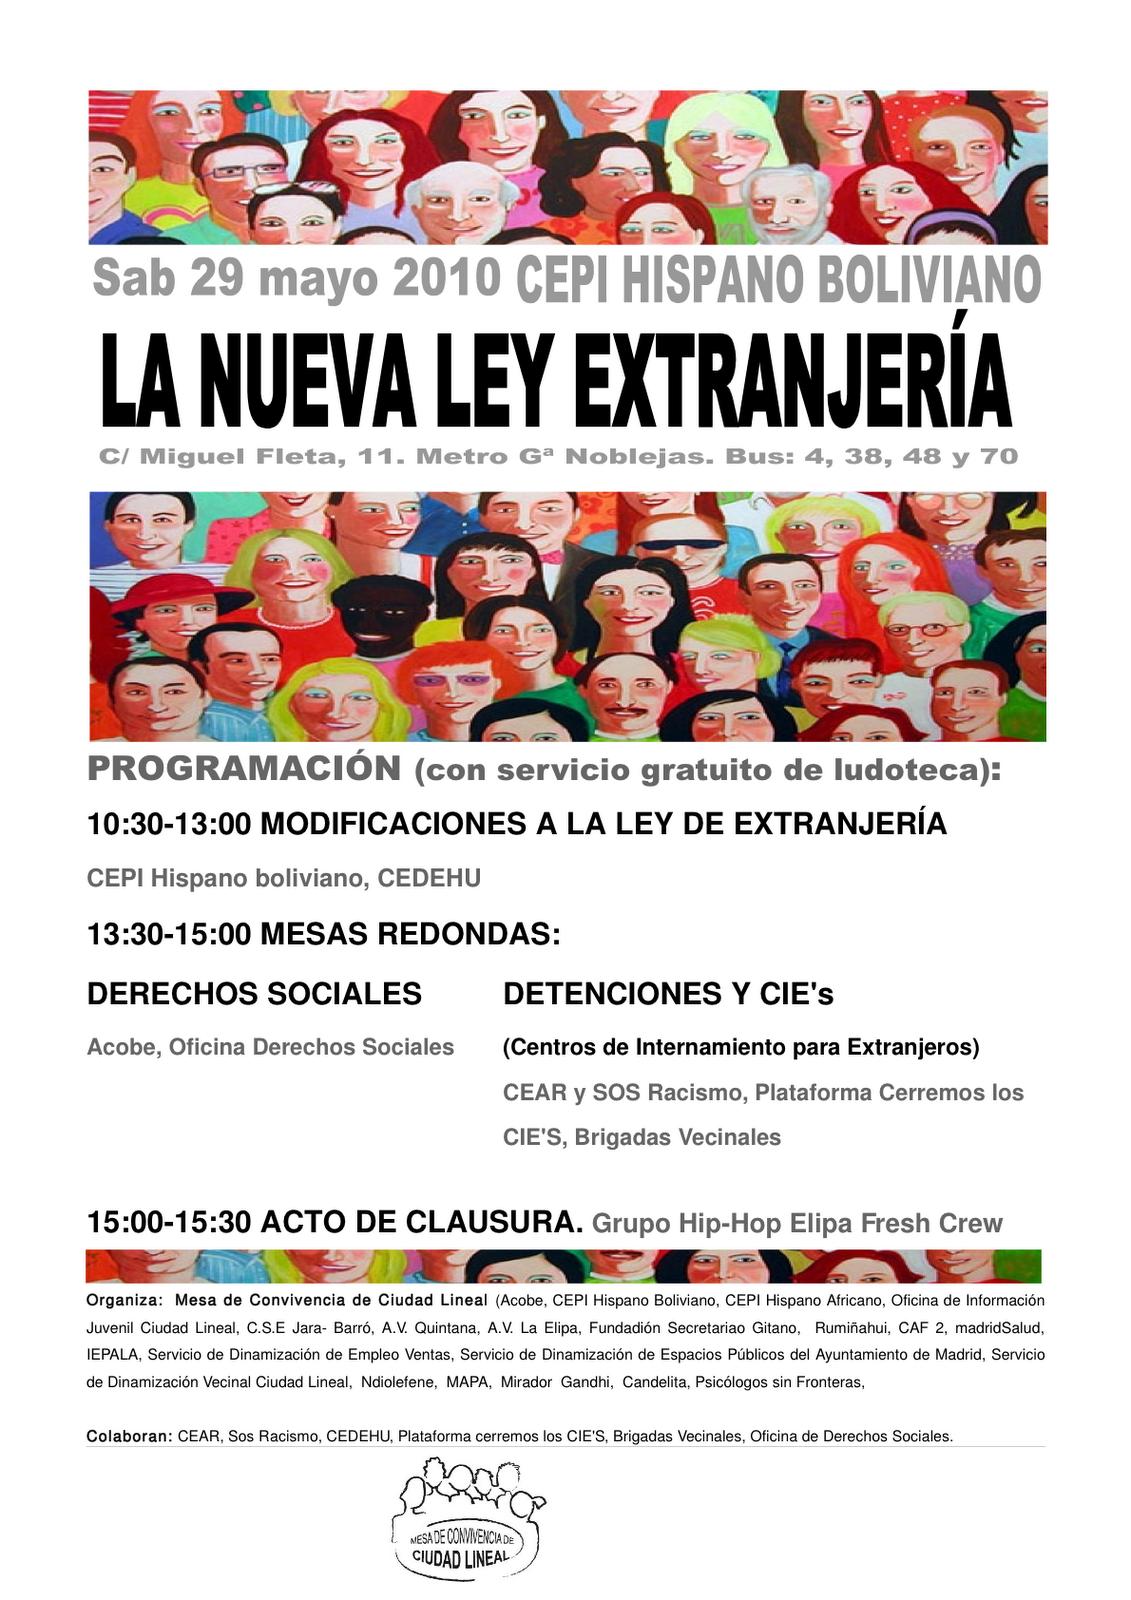 Brigadas vecinales de observaci n de derechos humanos for Oficina de extranjeria aluche